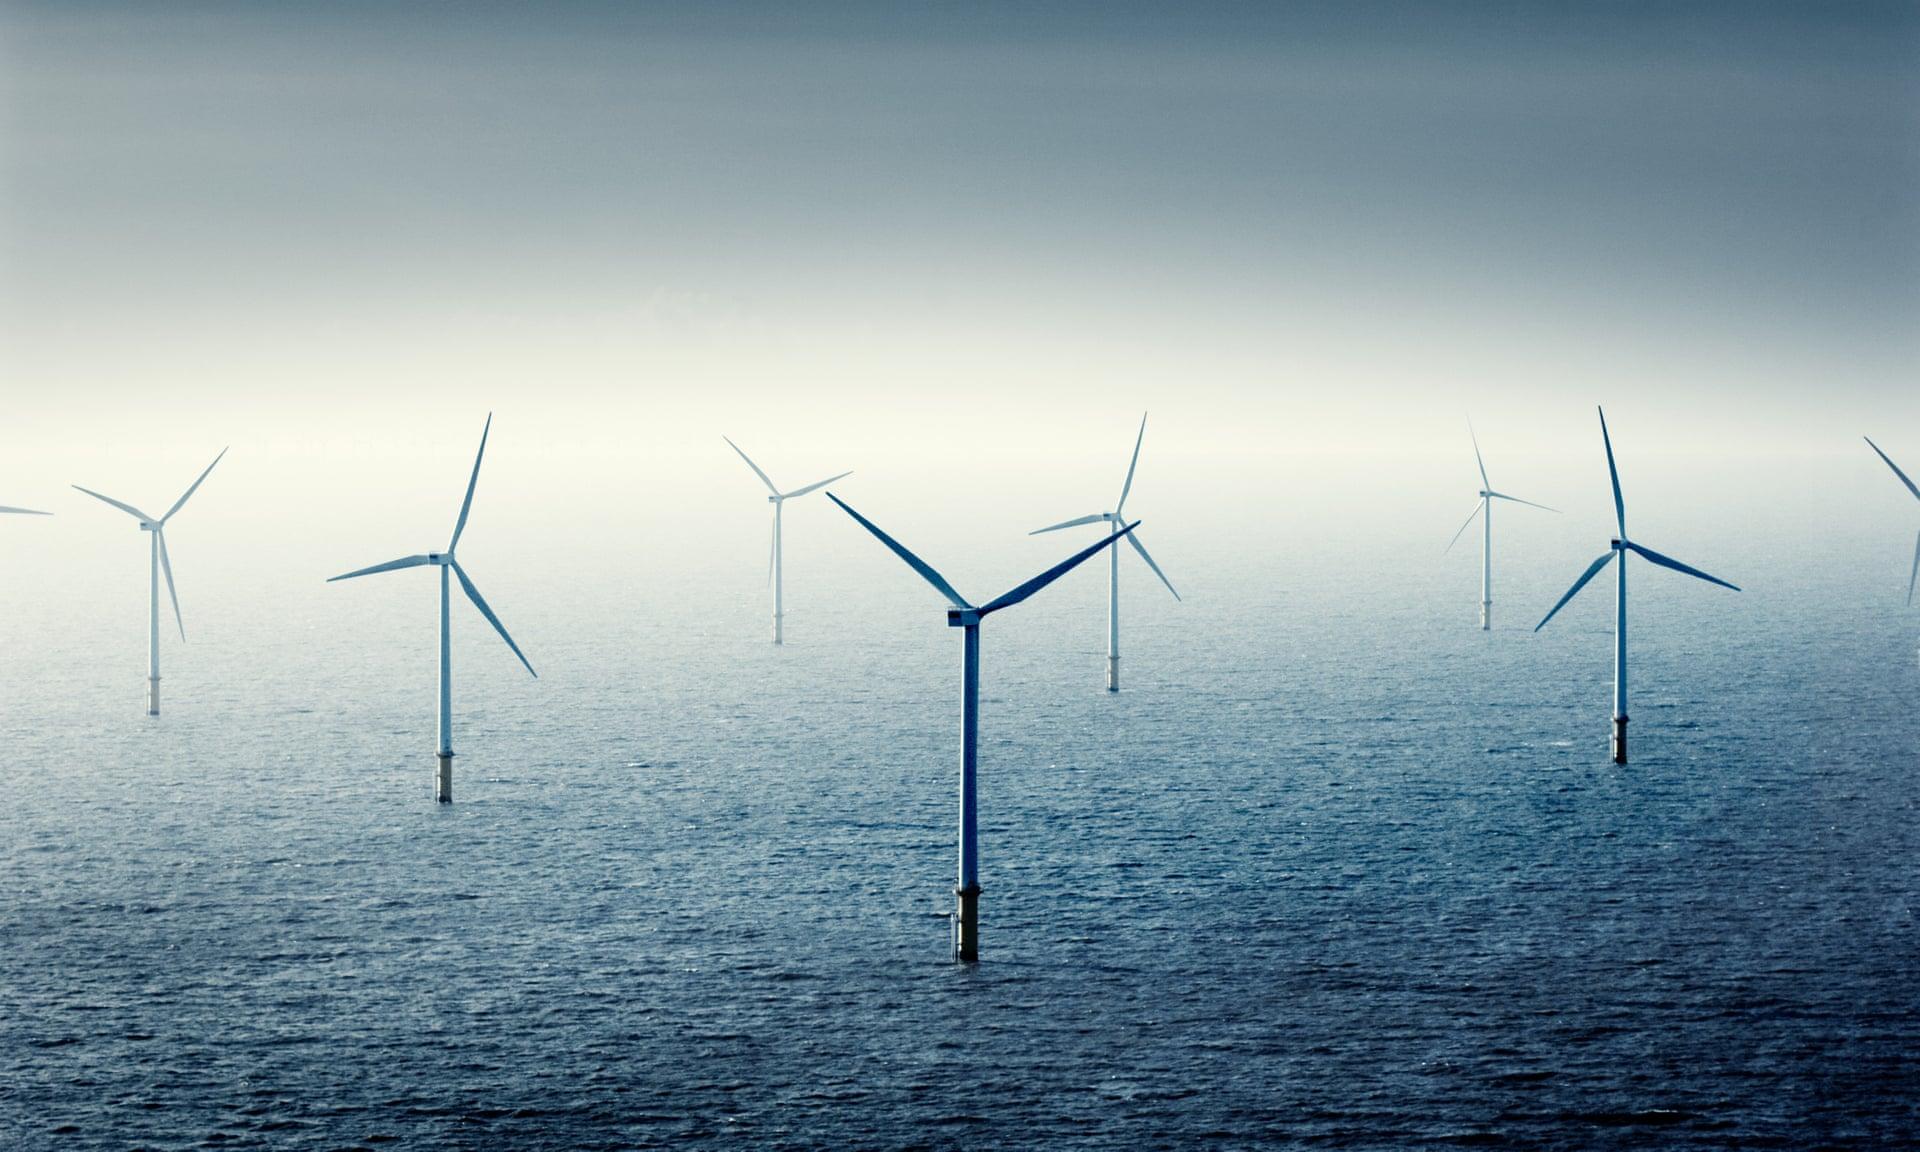 È tempo che le nazioni si uniscano attorno a un Green New Deal internazionale